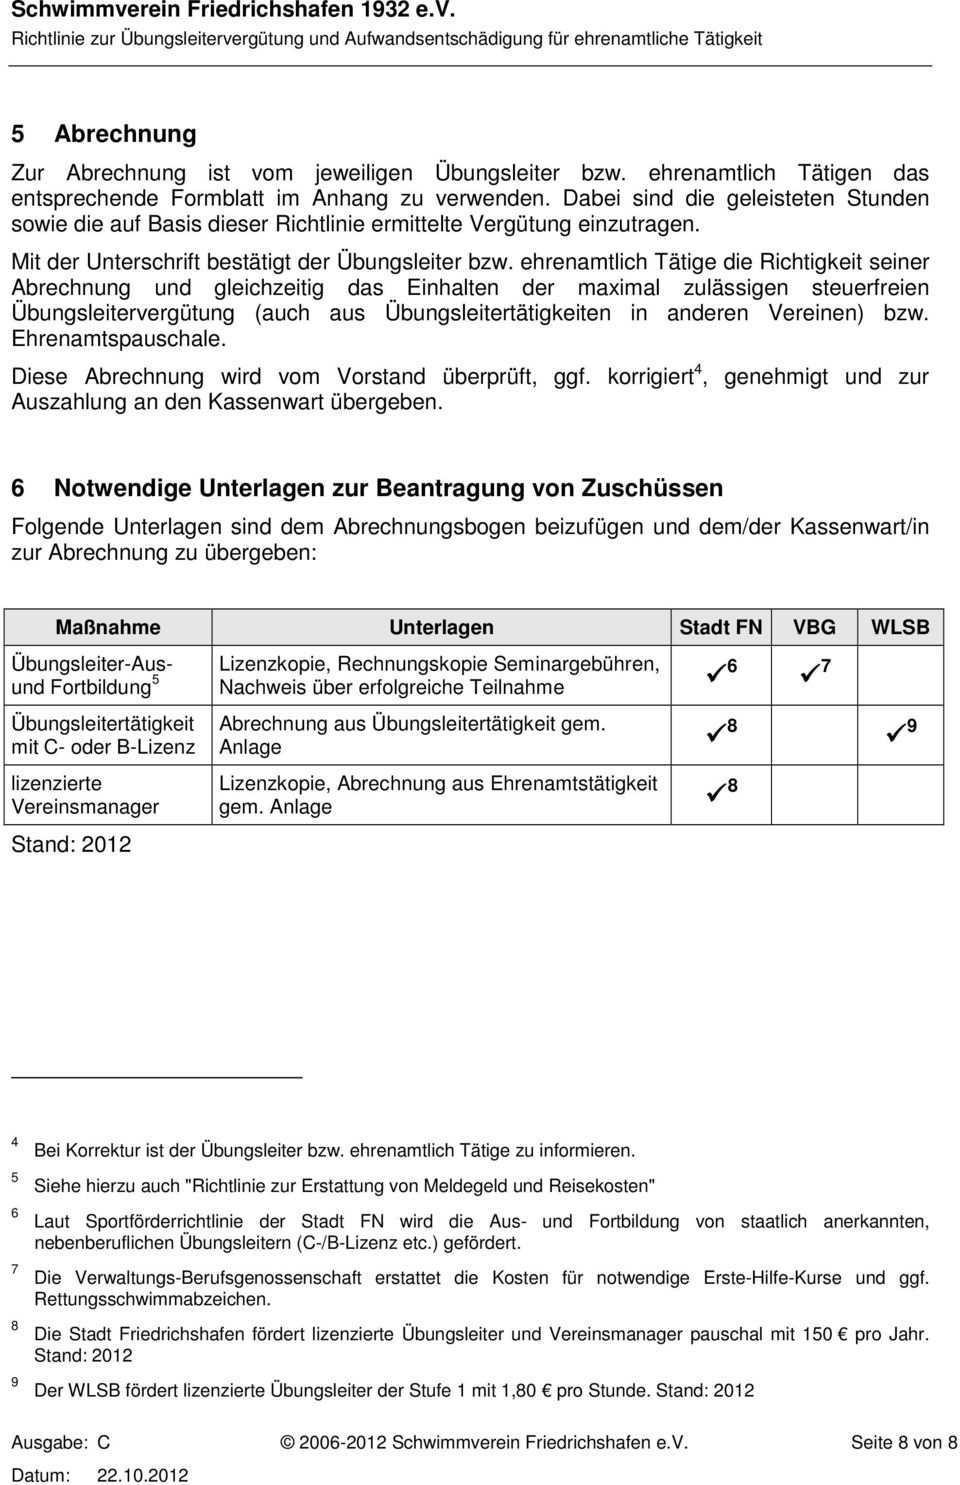 Schwimmverein Friedrichshafen 1932 E V Richtlinie Zur Ubungsleitervergutung Und Aufwandsentschadigung Fur Ehrenamtliche Tatigkeit Pdf Kostenfreier Download